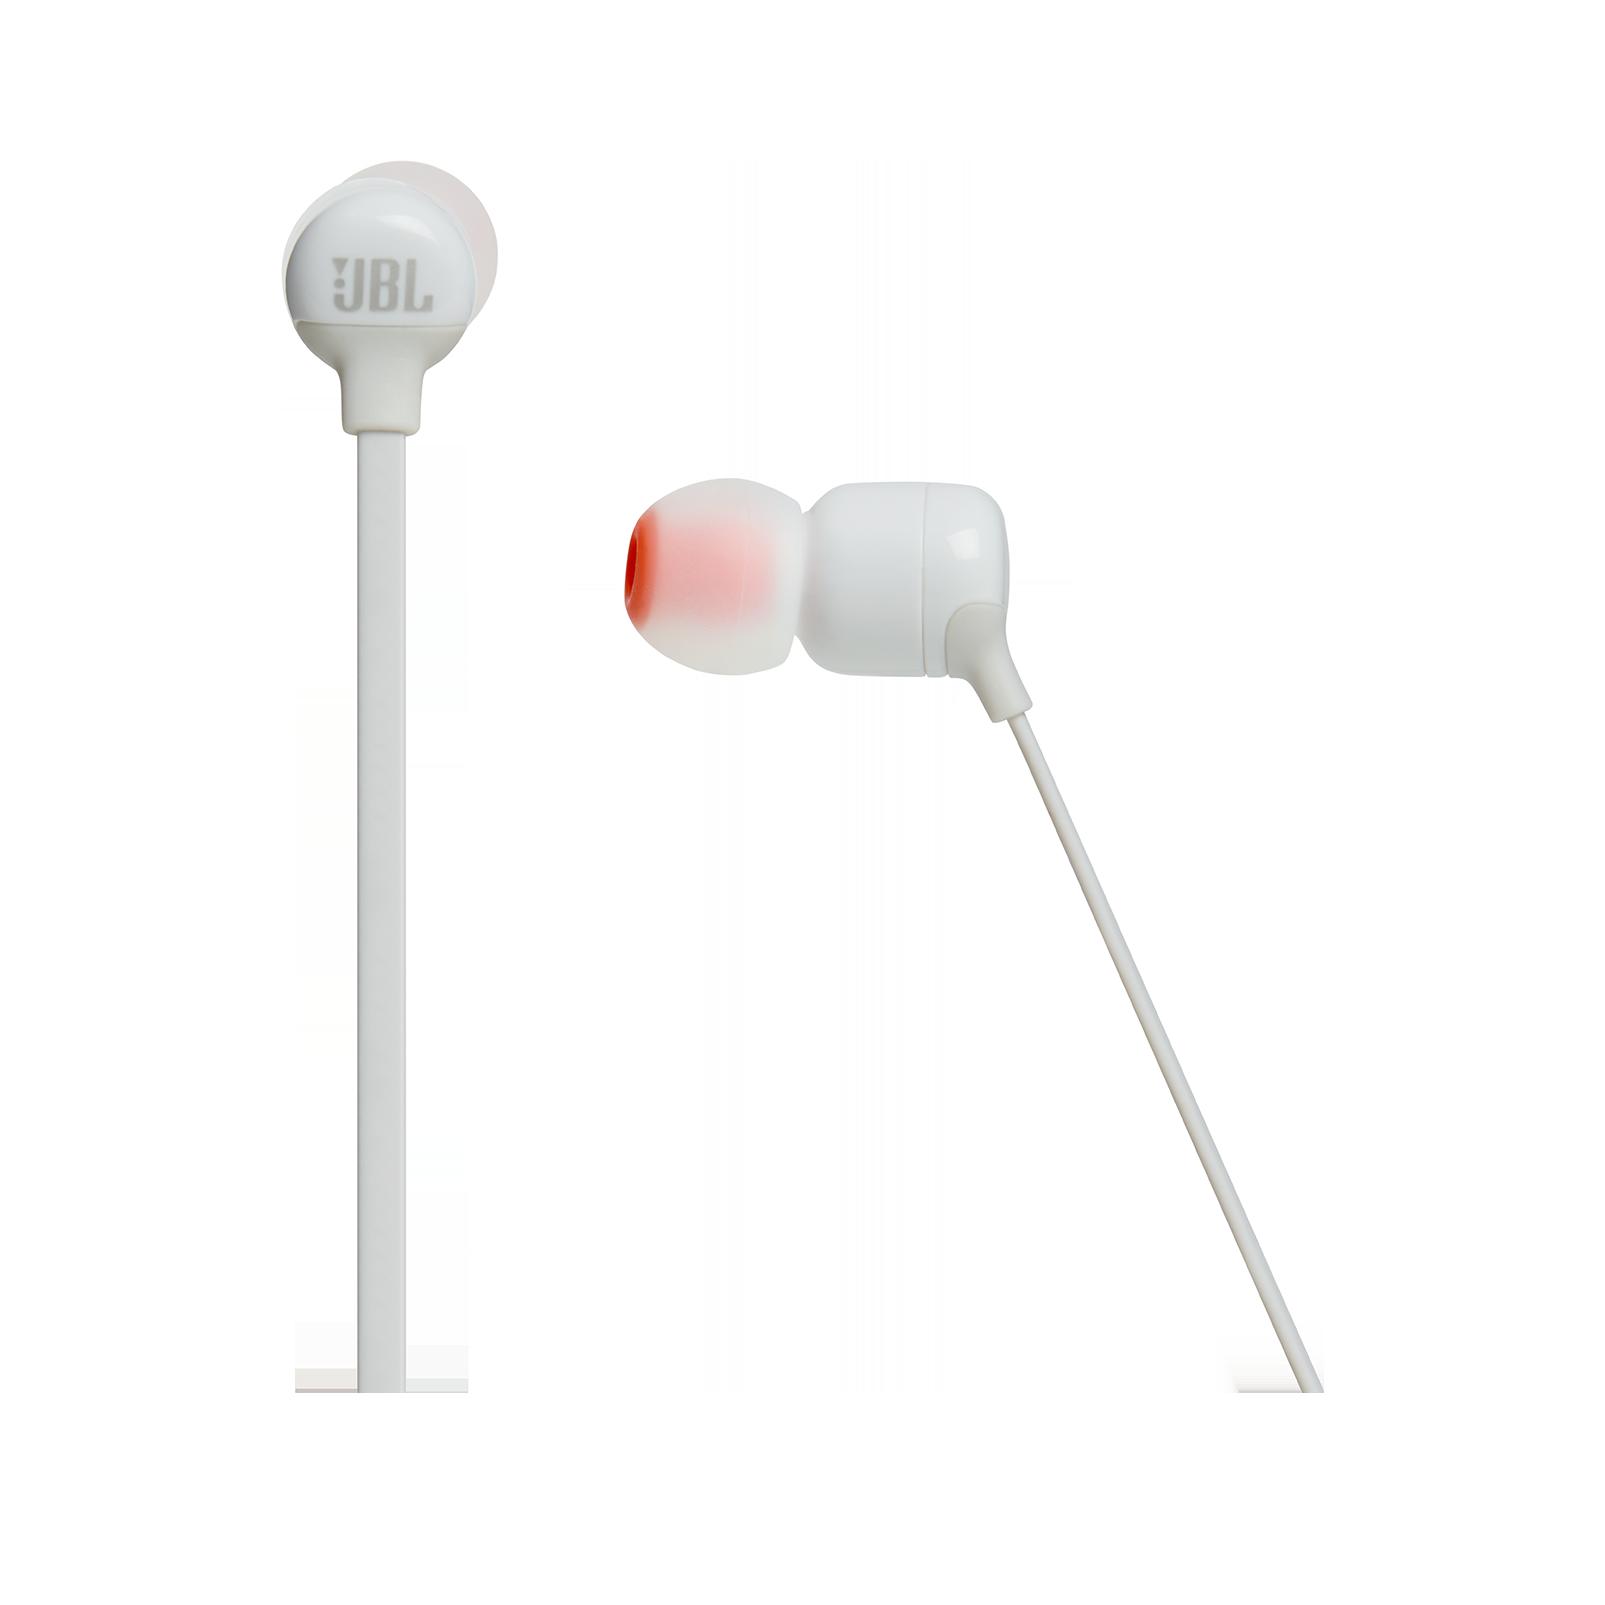 JBL TUNE 110BT - White - Wireless in-ear headphones - Detailshot 3